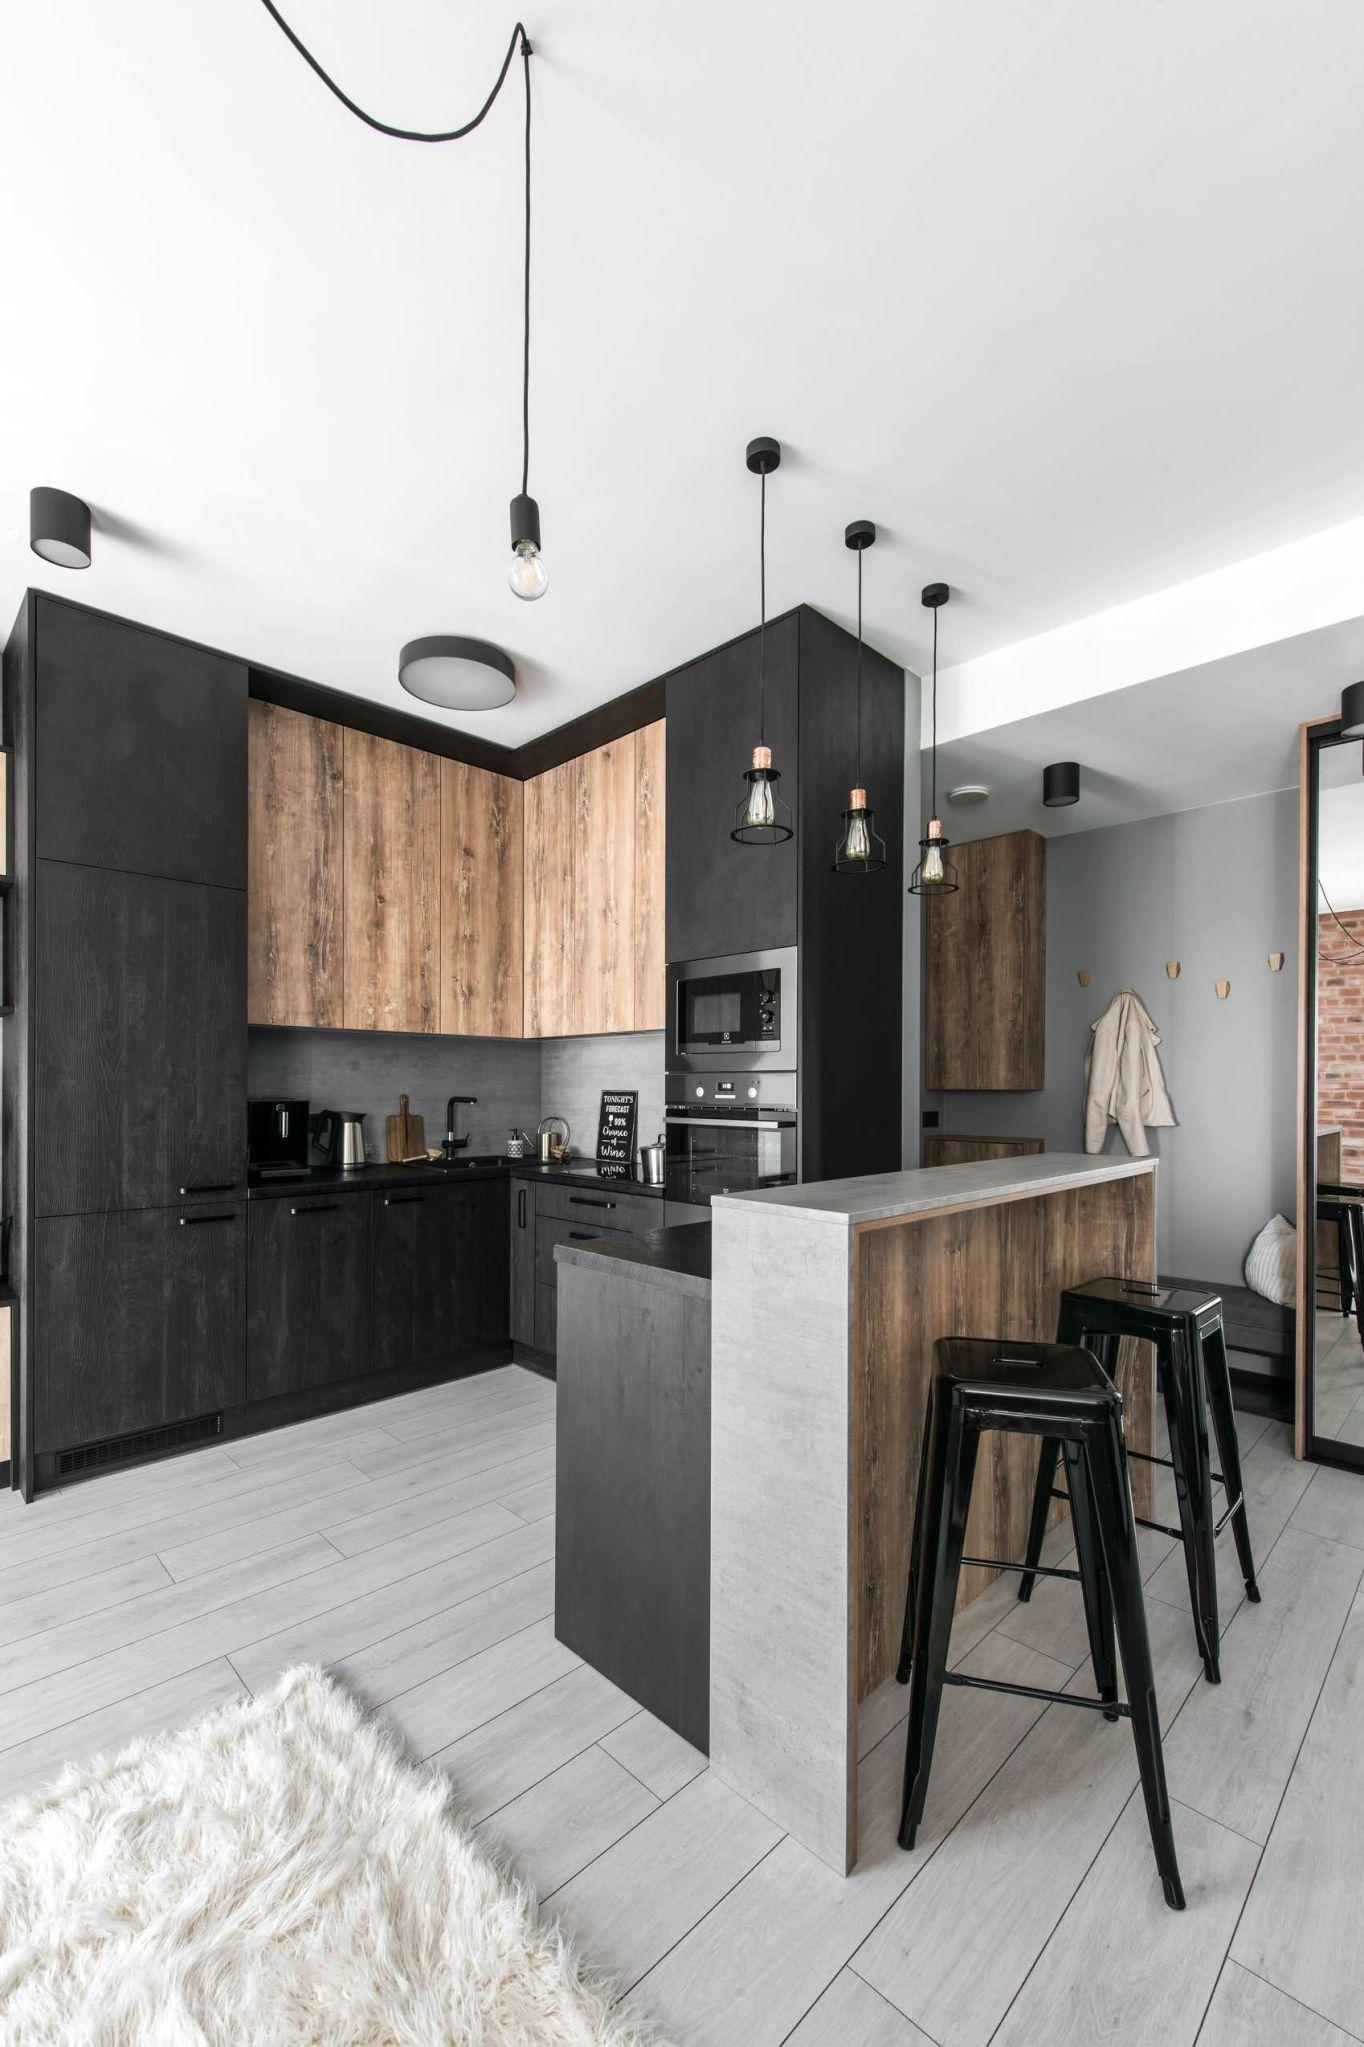 17 Stunning Small Kitchen Design Ideas | Interior design kitchen ...